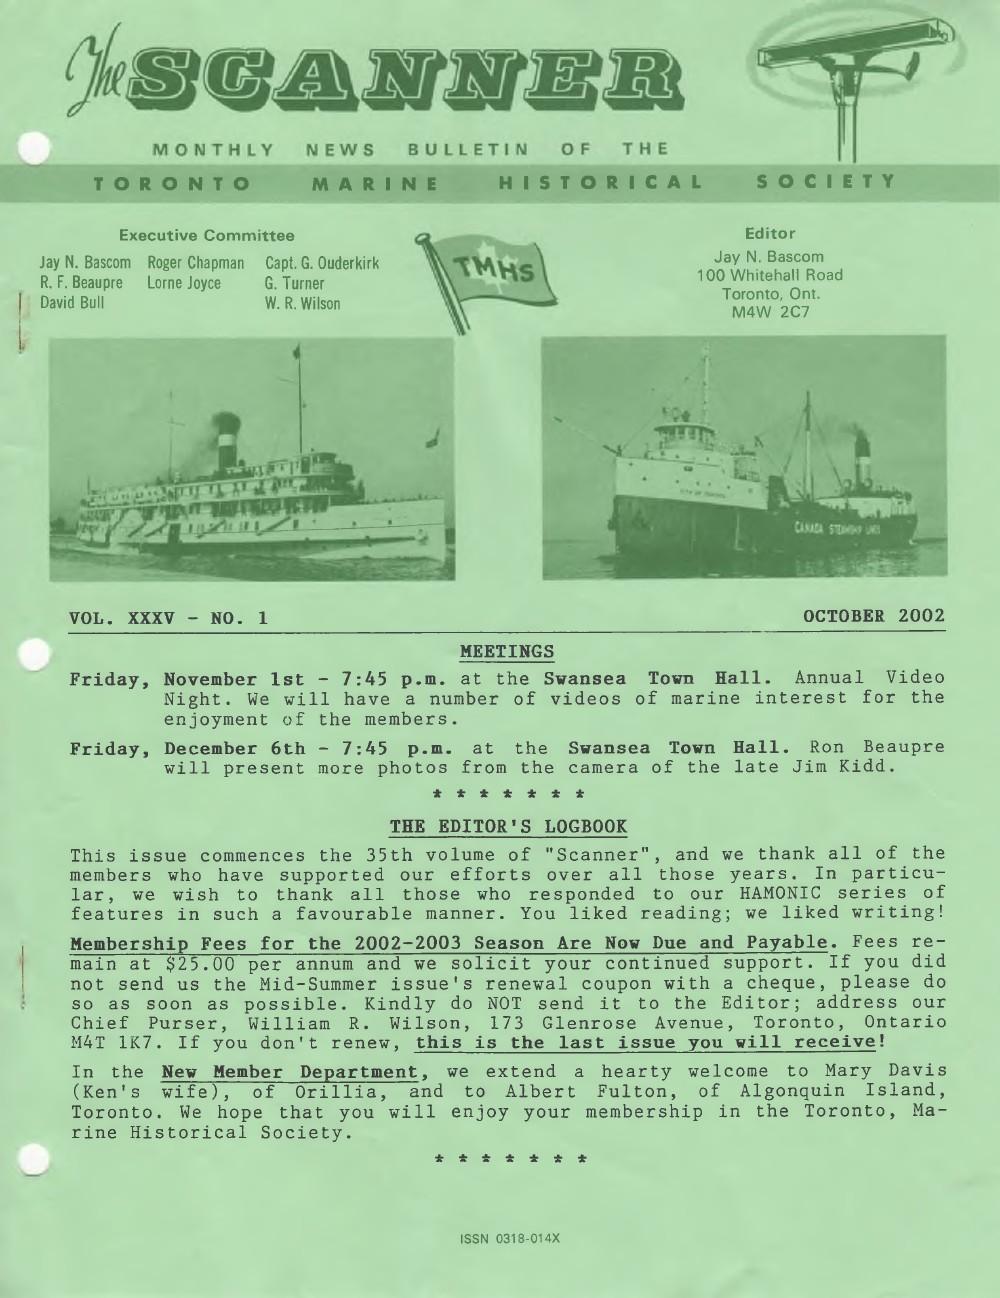 Scanner, v. 35, no. 1 (October 2002)